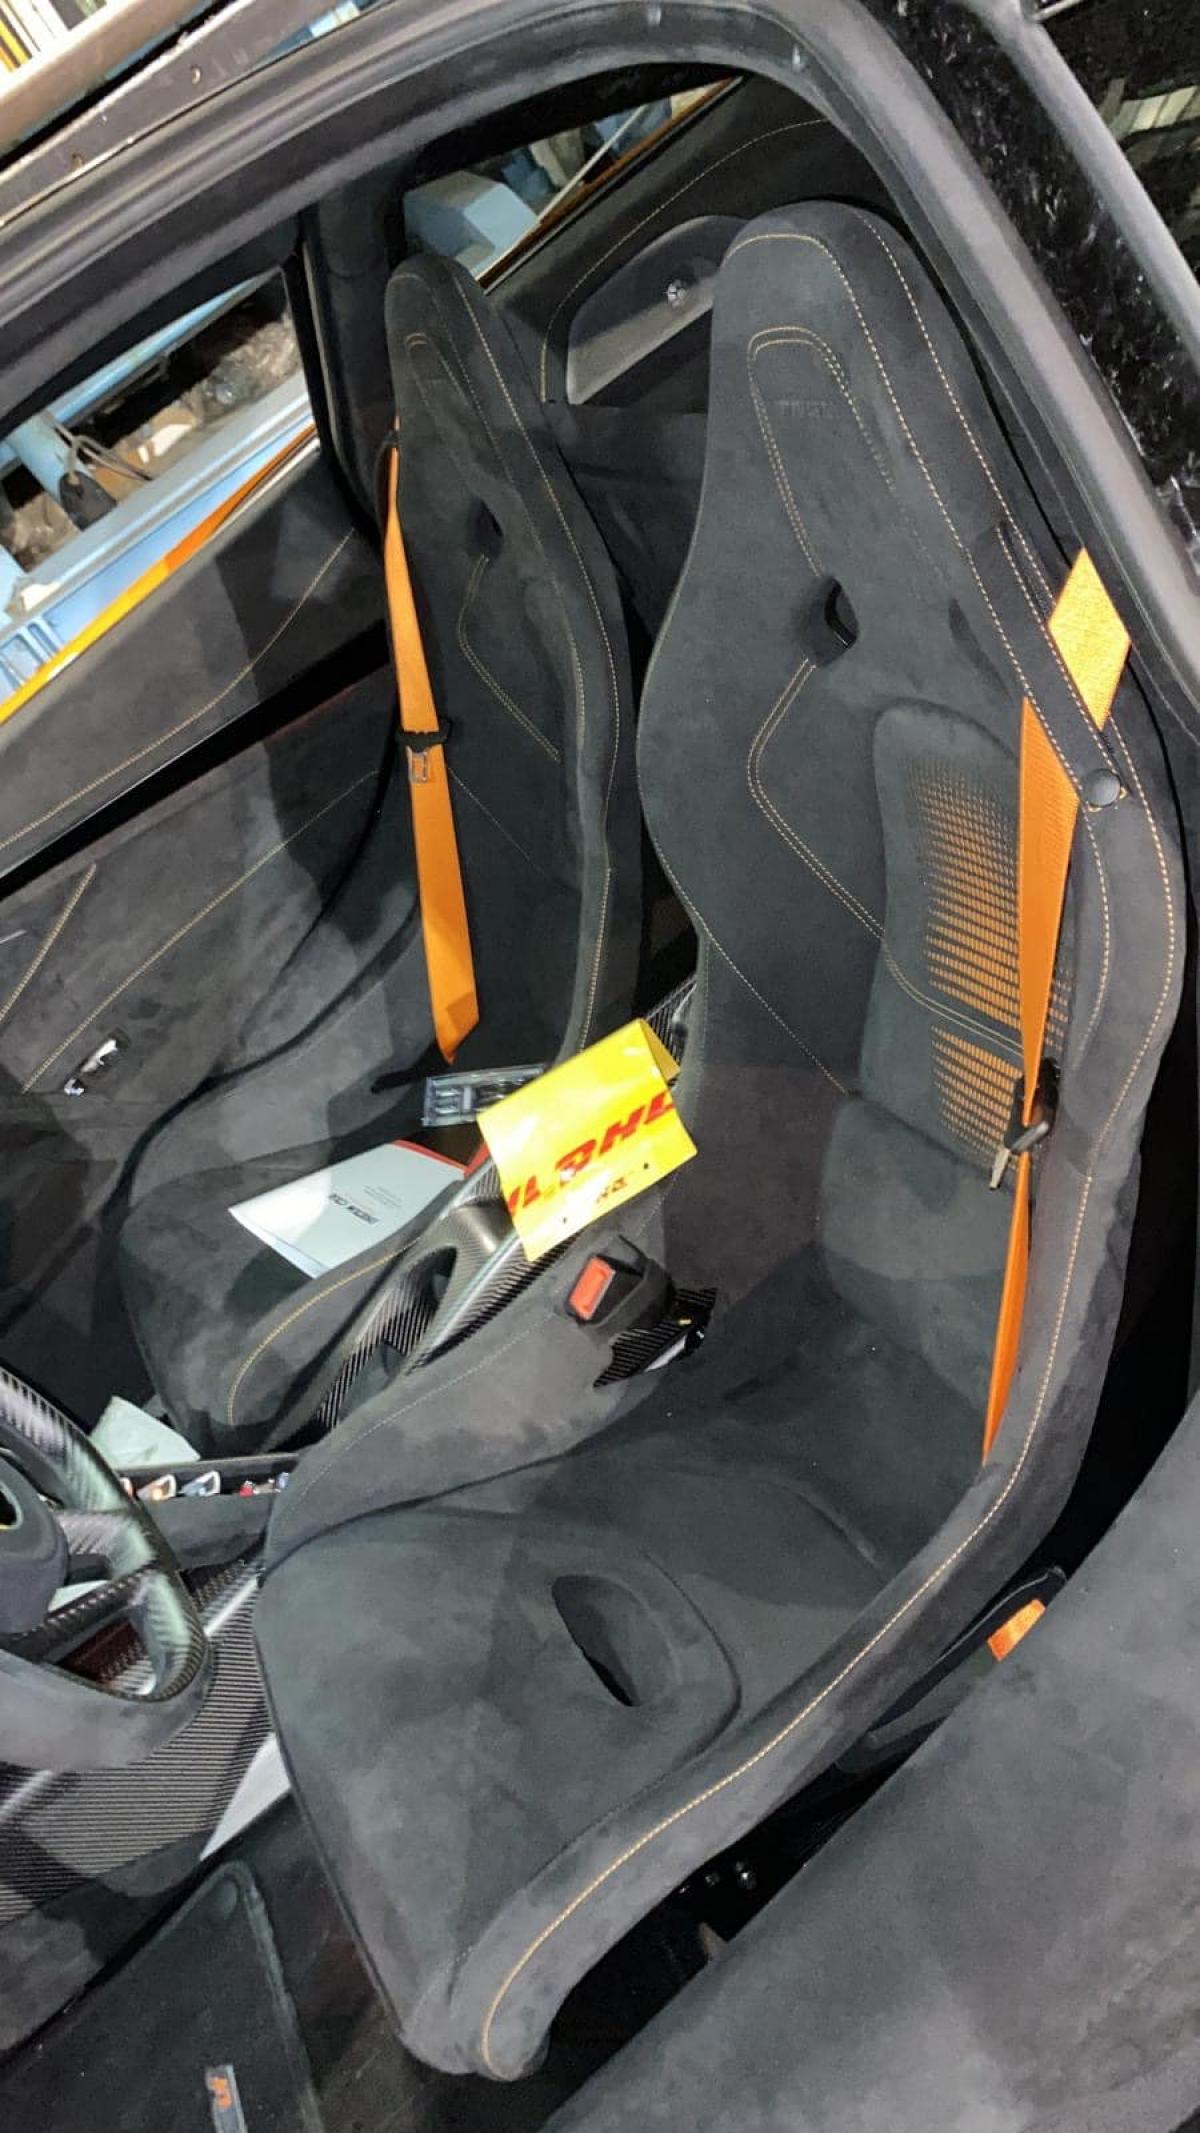 Valhalla – siêu xe 'xanh' đầu tiên của Aston Martin - ảnh 9